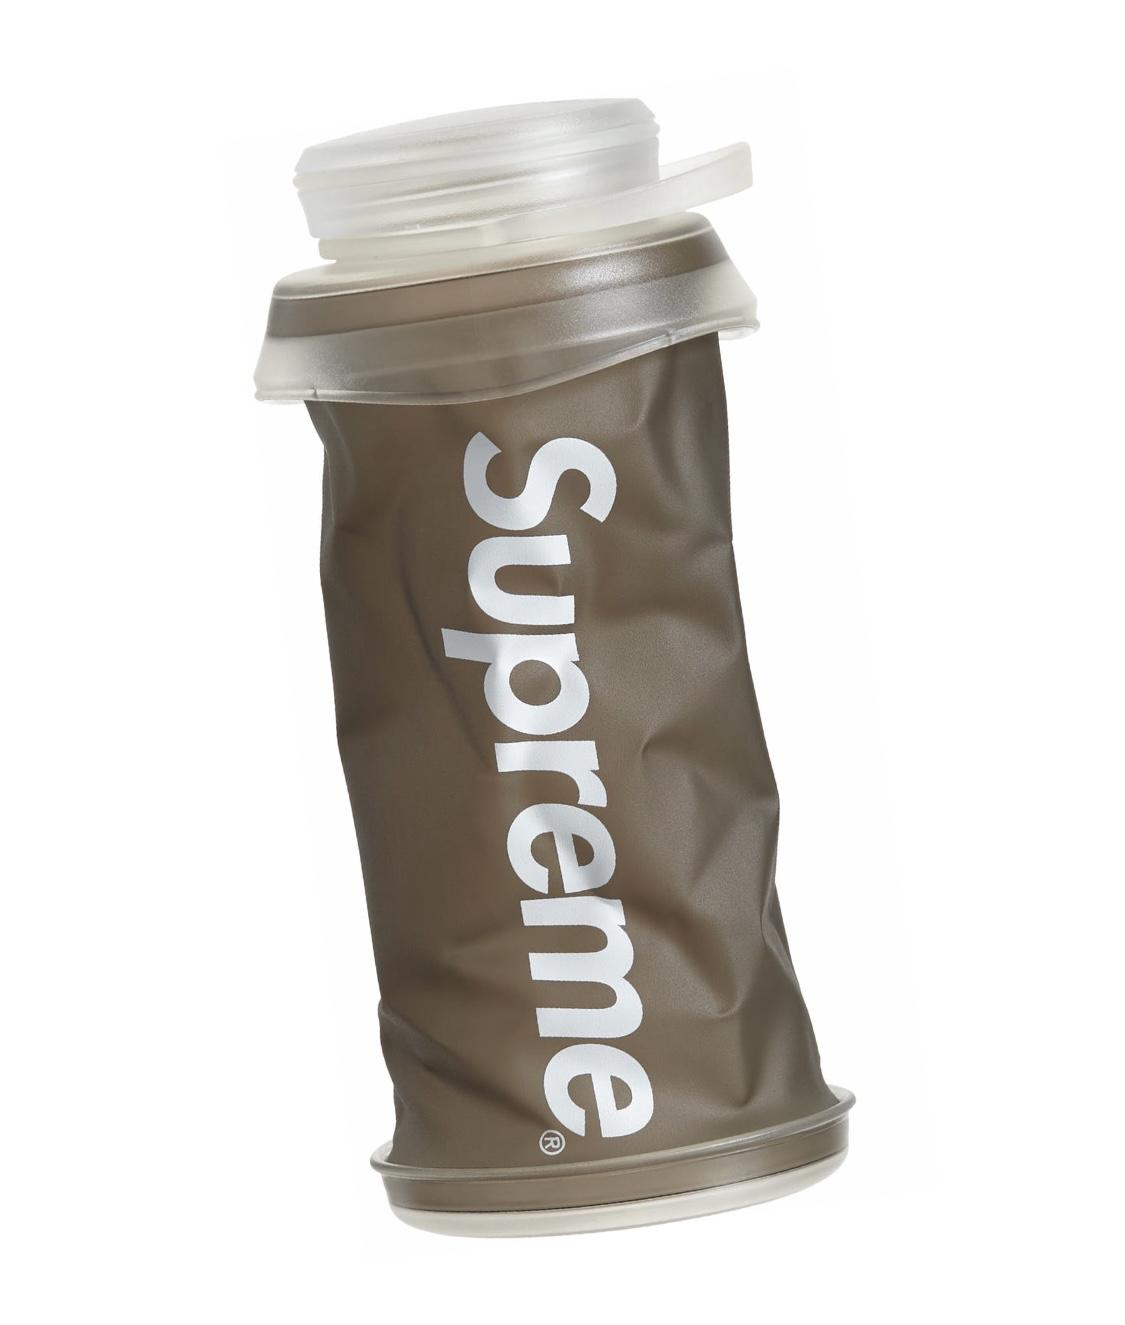 Supreme 1L Pop-up Water Bottle